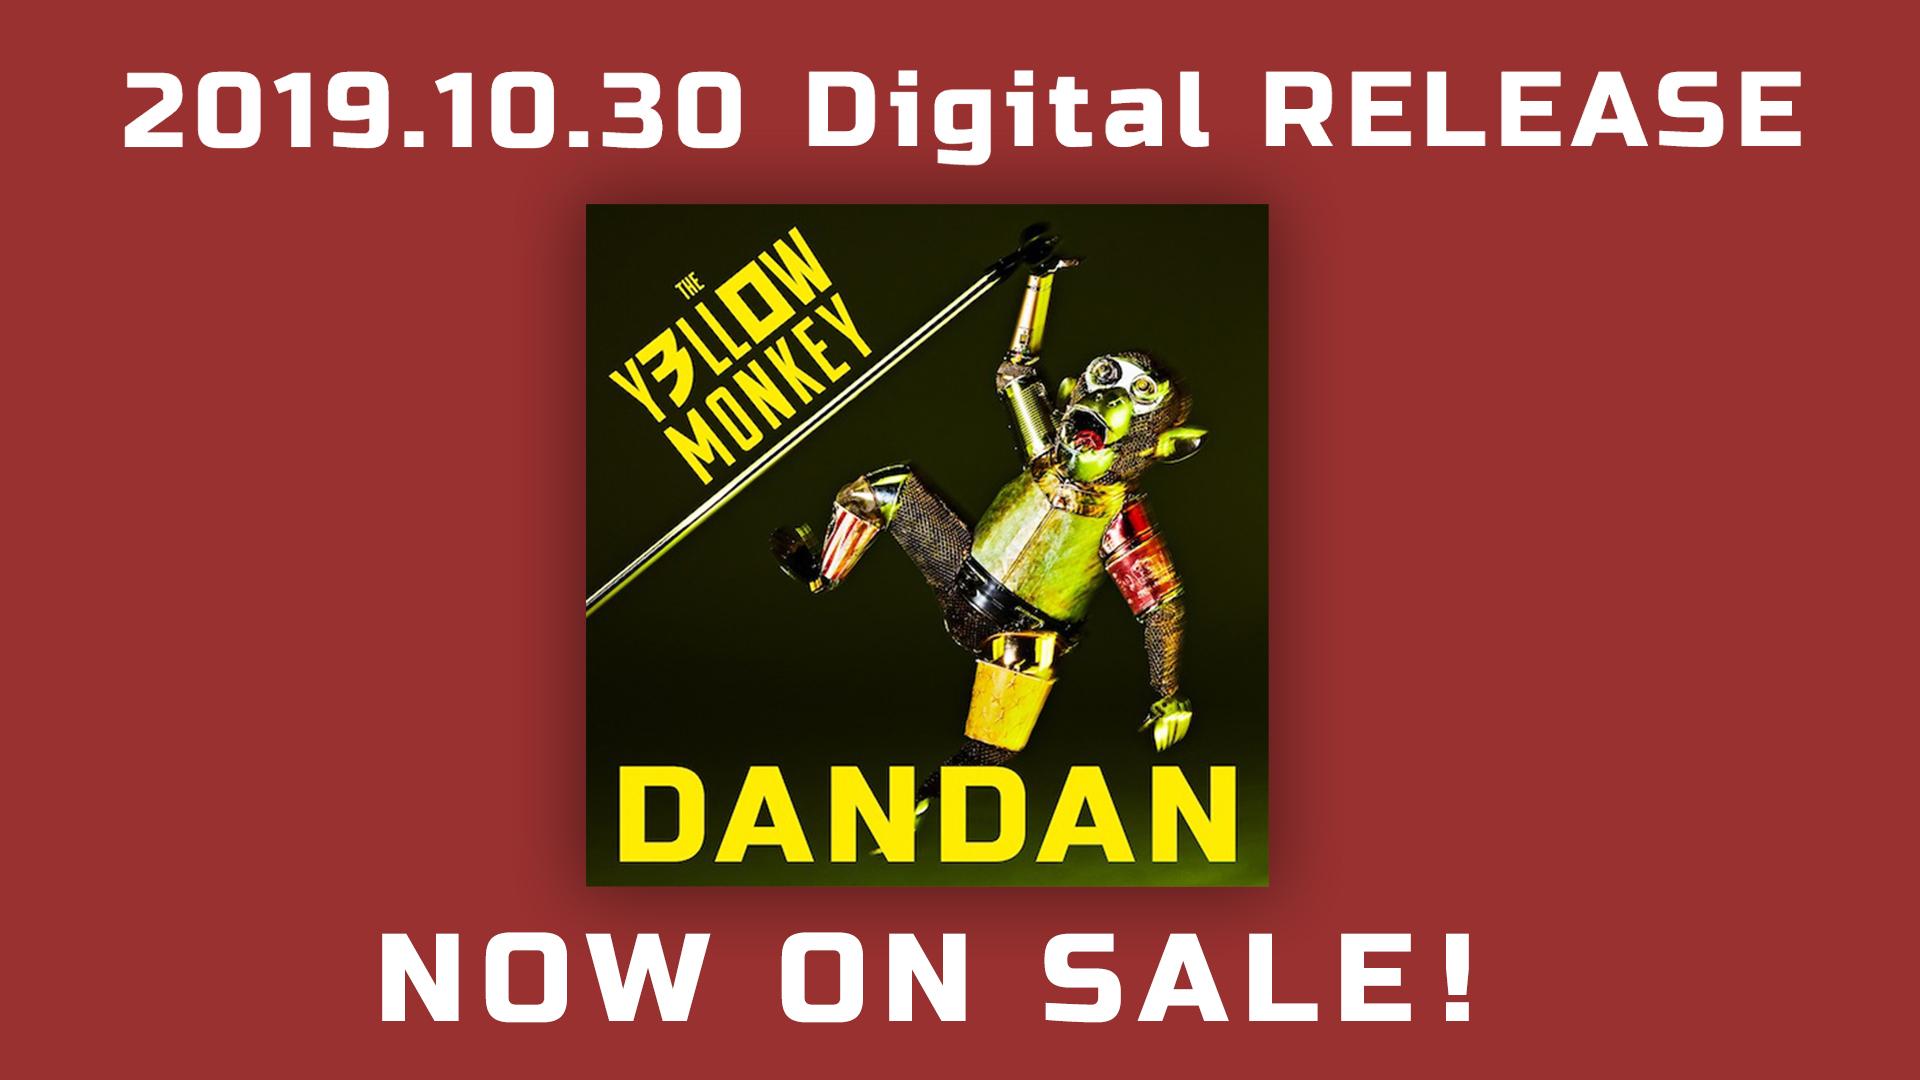 配信限定シングル「DANDAN」NOW ON SALE!